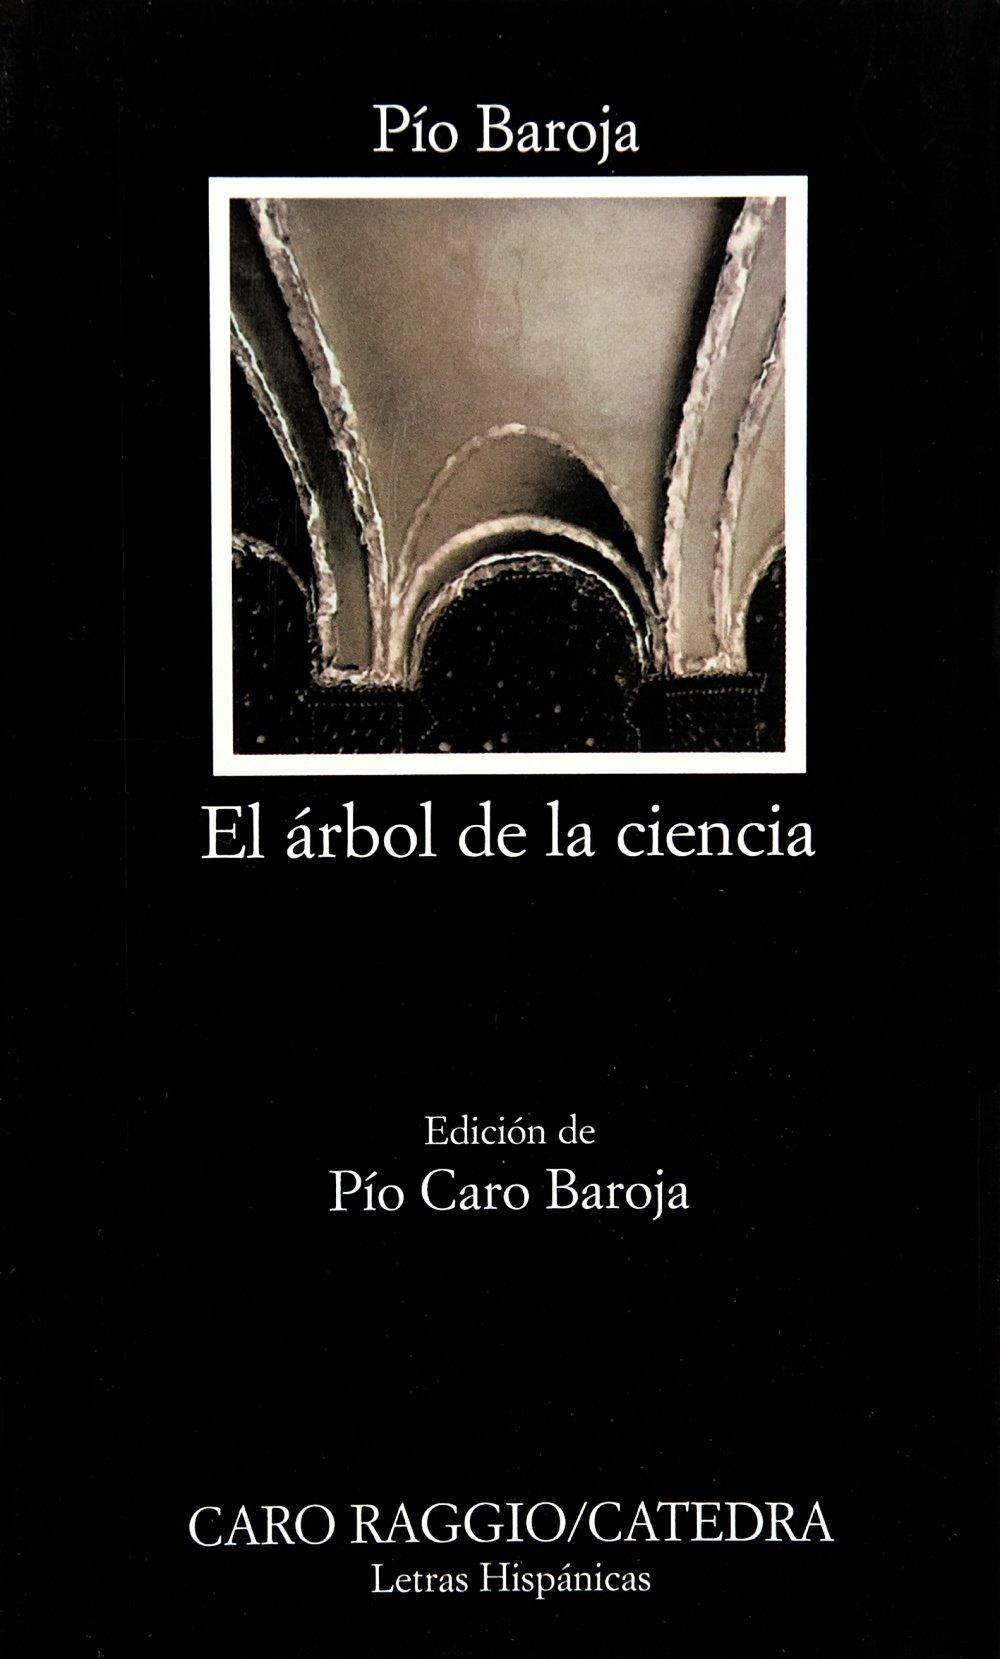 El árbol de la ciencia: El Arbol De La Ciencia (Letras Hispánicas) Tapa blanda – 31 oct 1994 Pio Baroja Cátedra 8437605229 Spagnolo